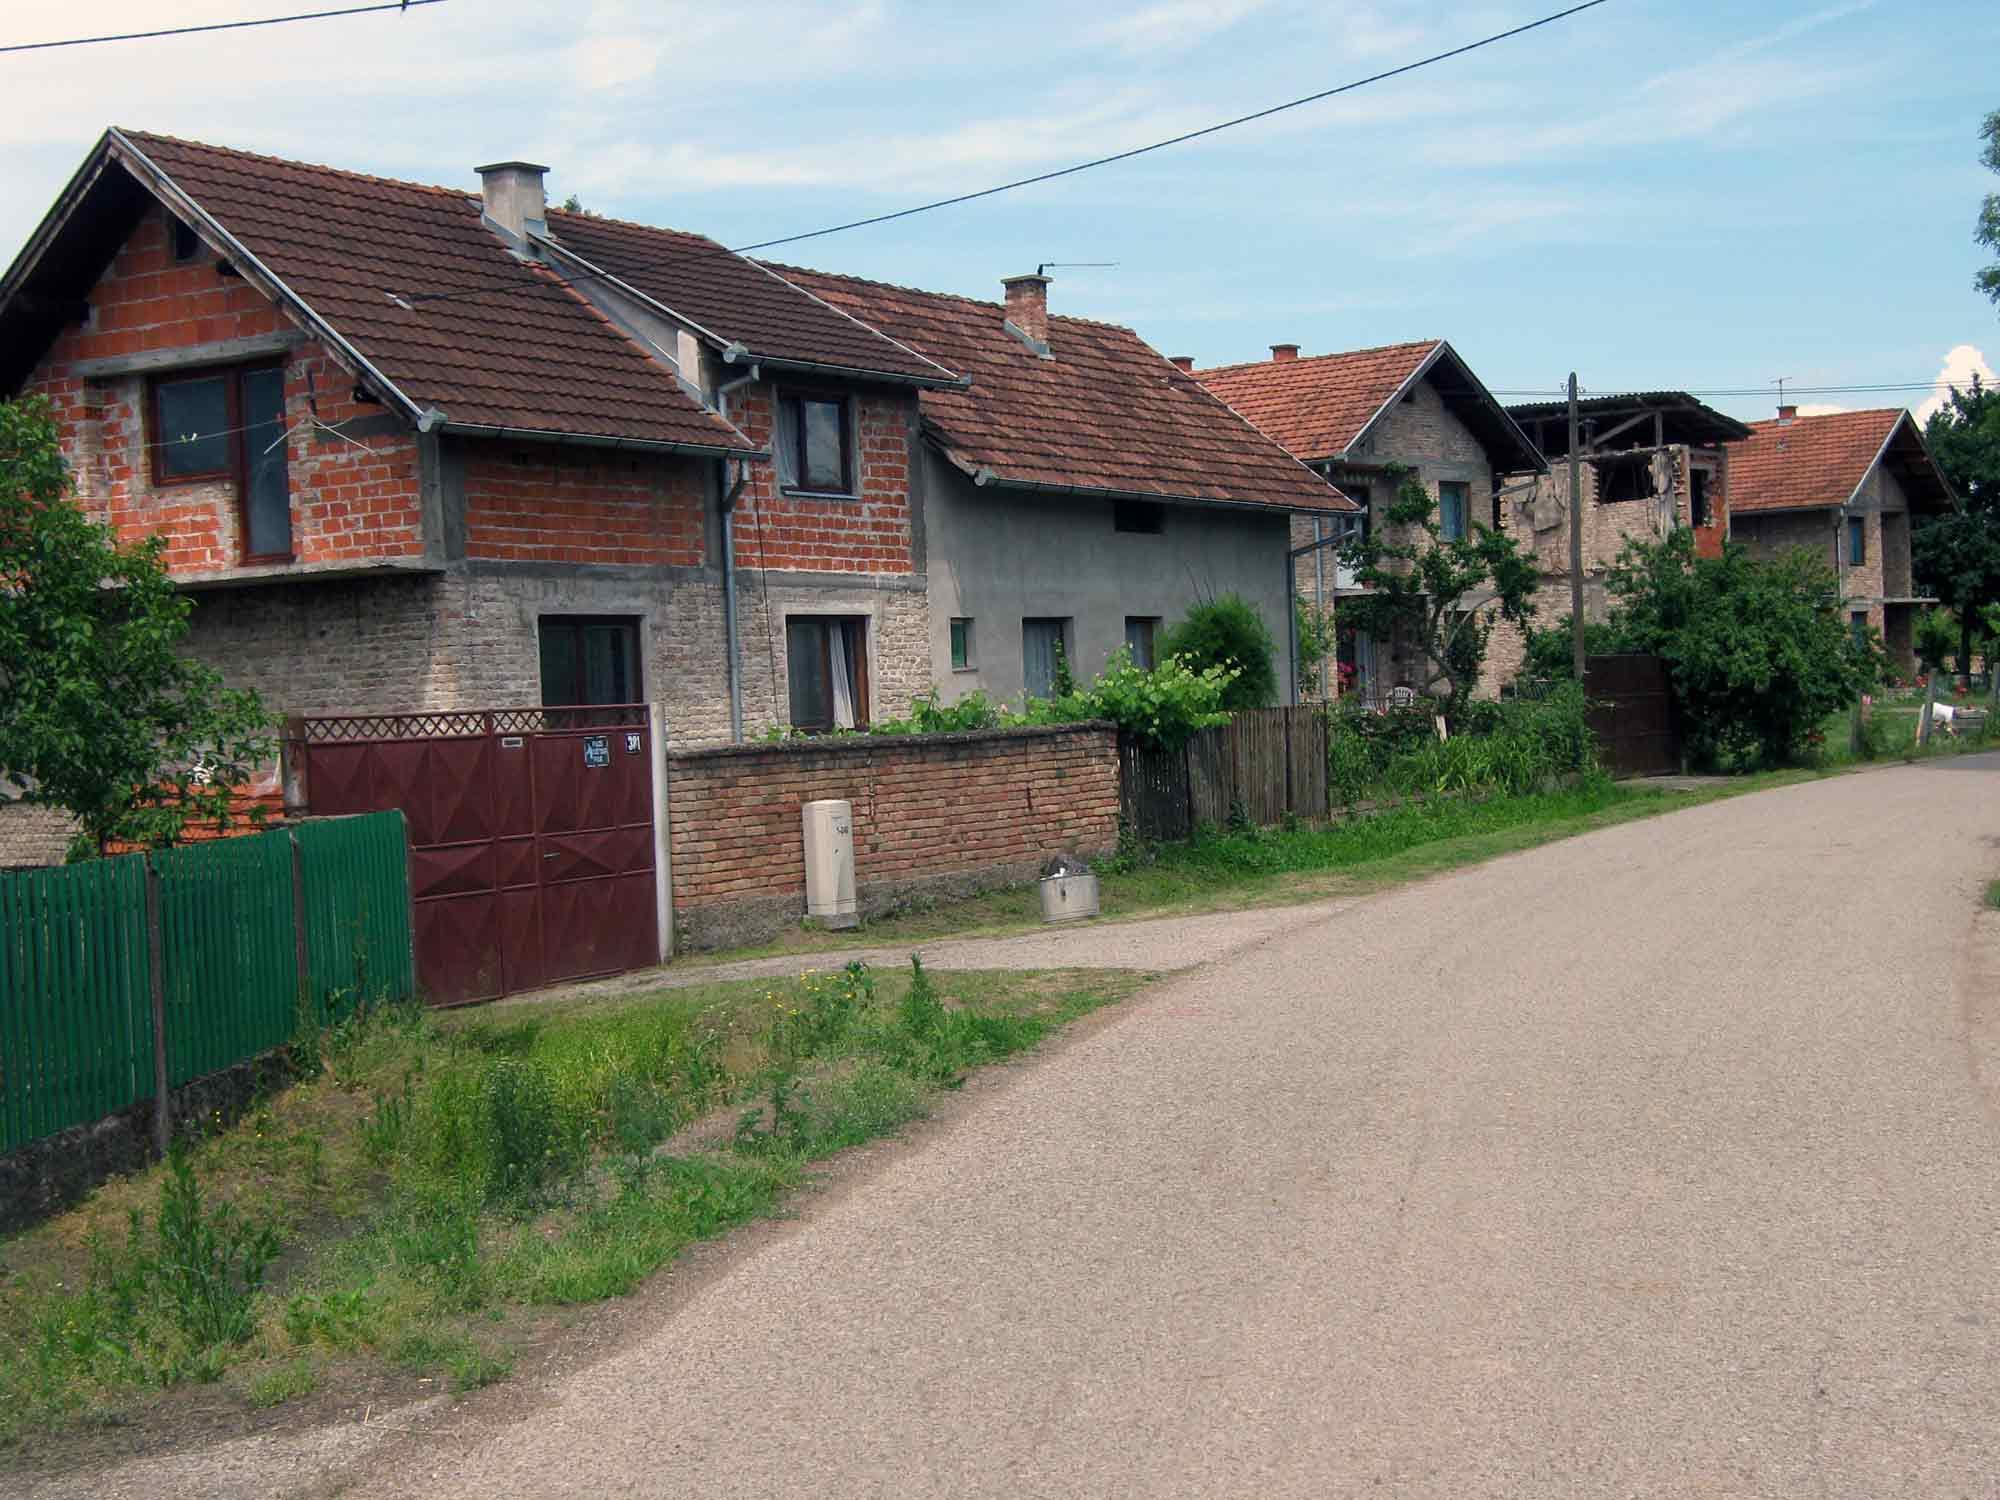 https://jadovno.com/tl_files/ug_jadovno/img/otadzbinski_rat/Sijekovac_naselje.jpg